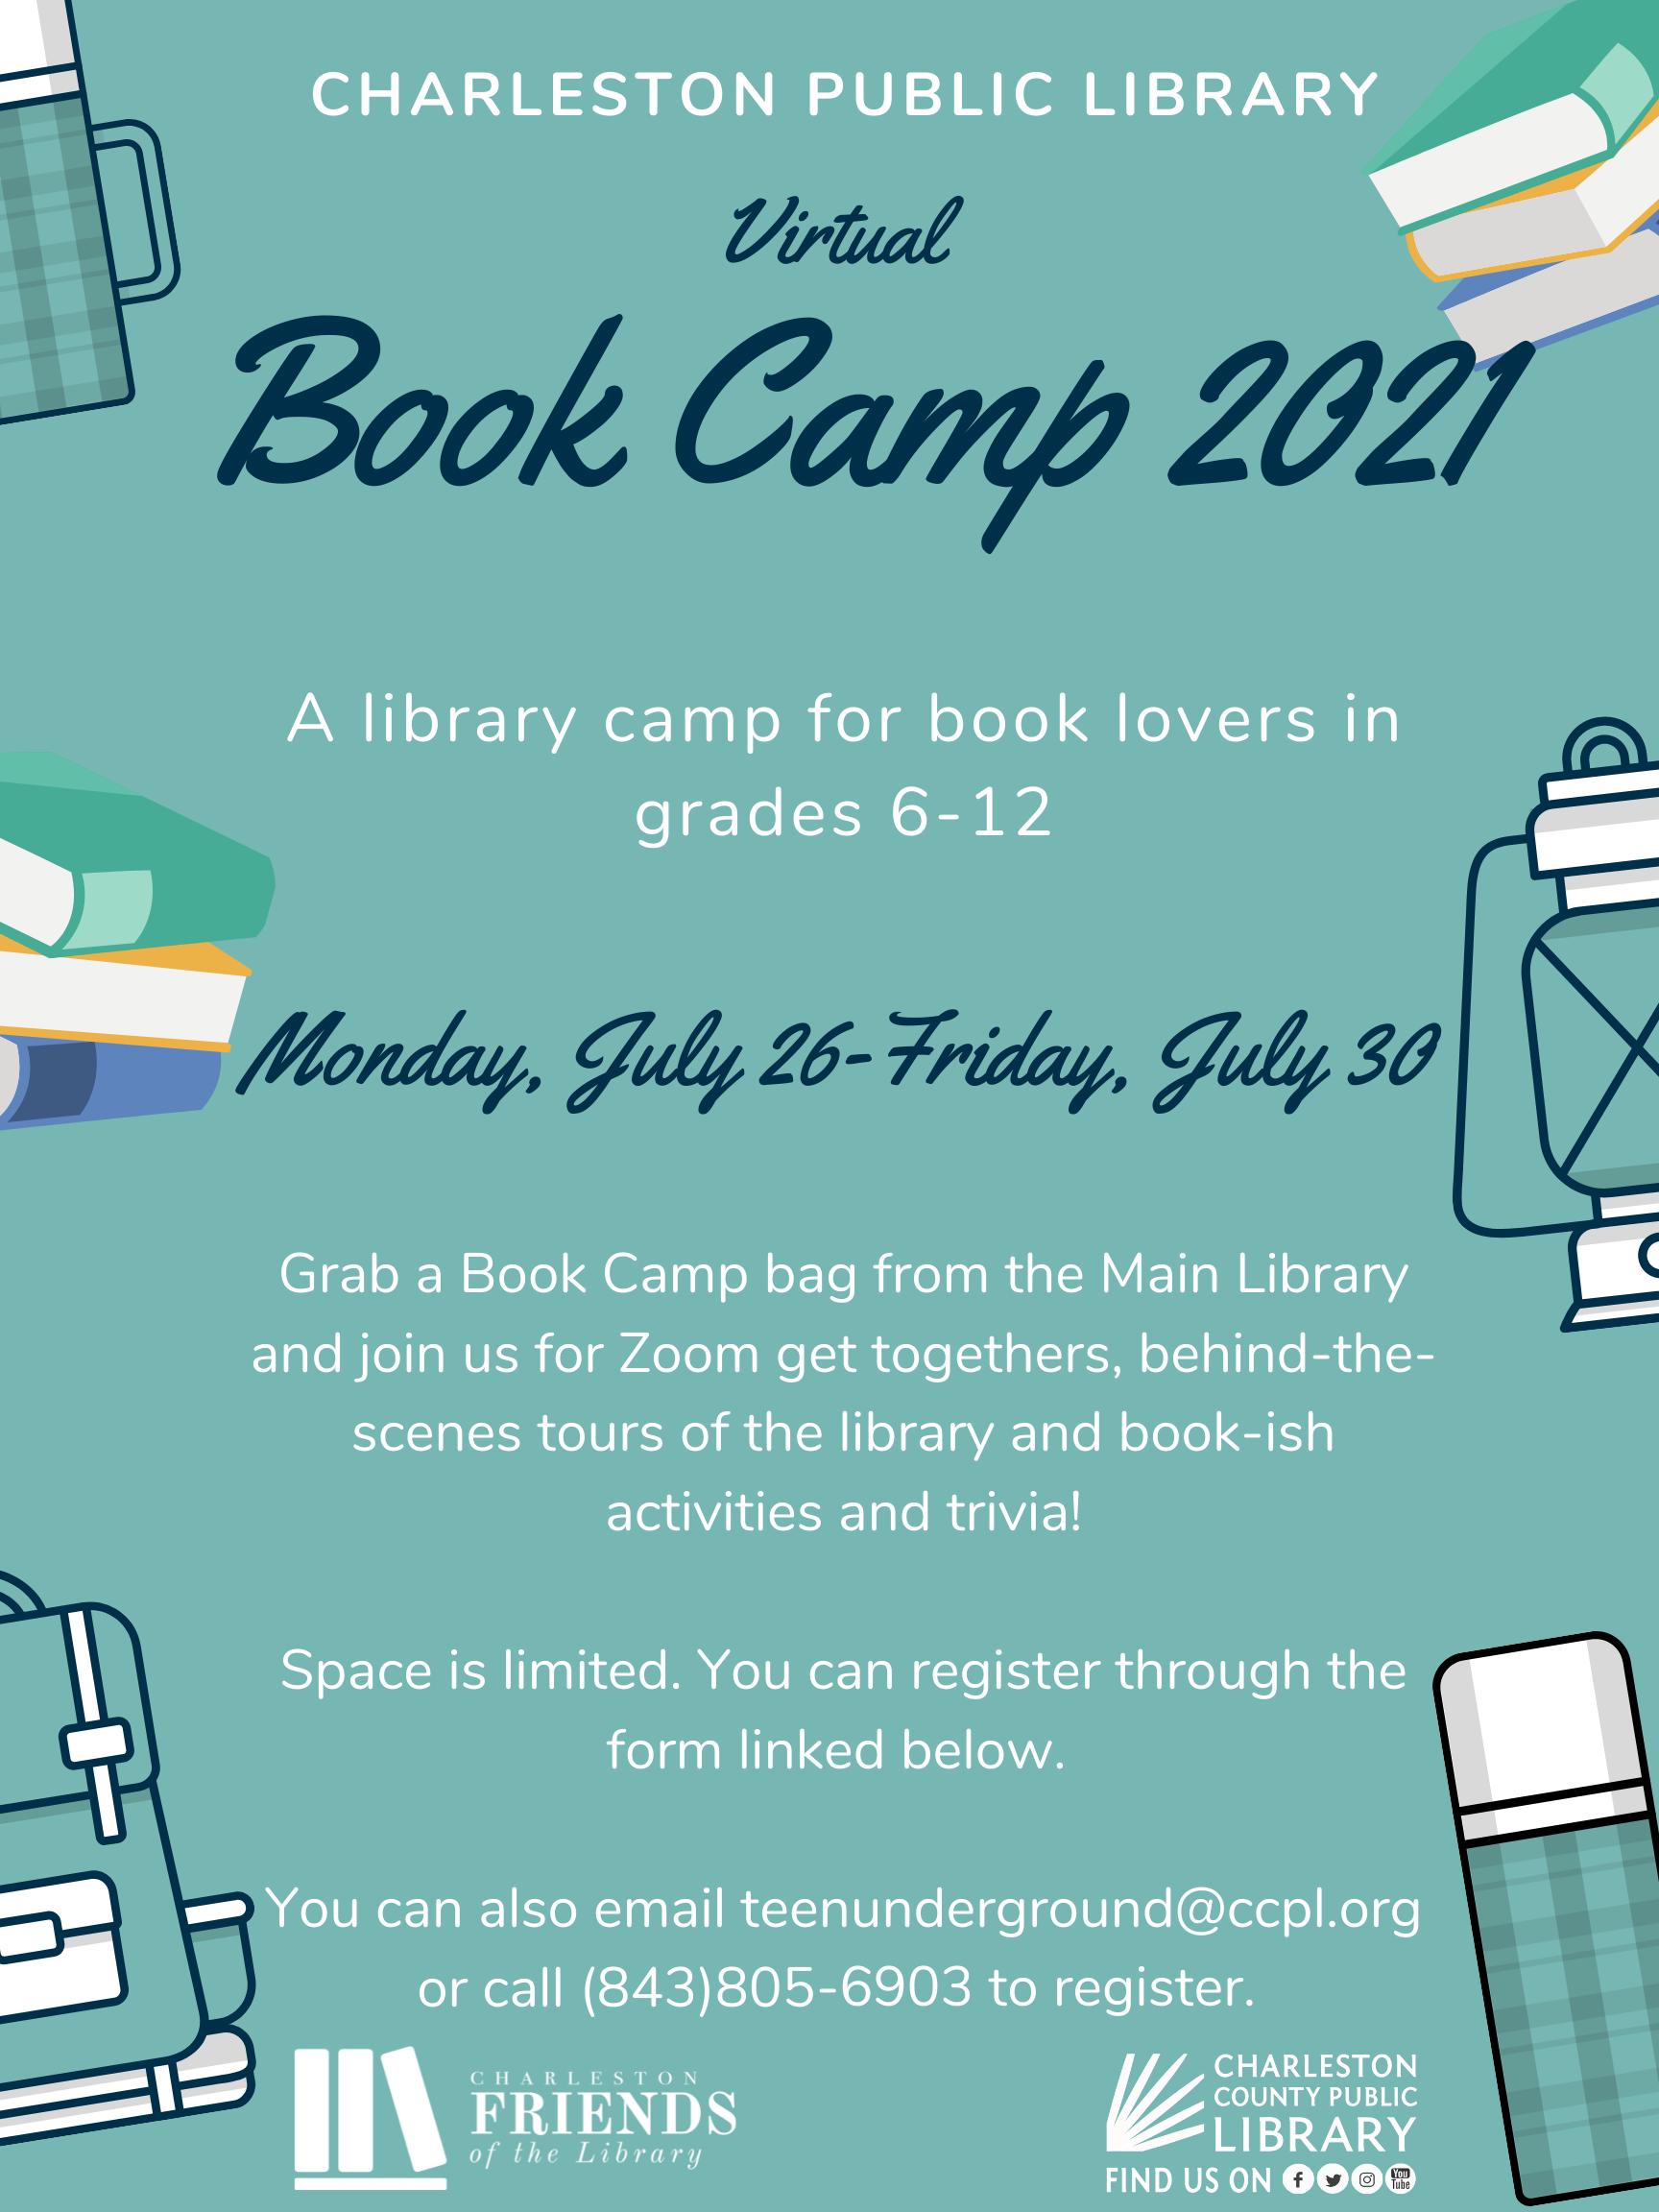 Book Camp (grades 6-12)